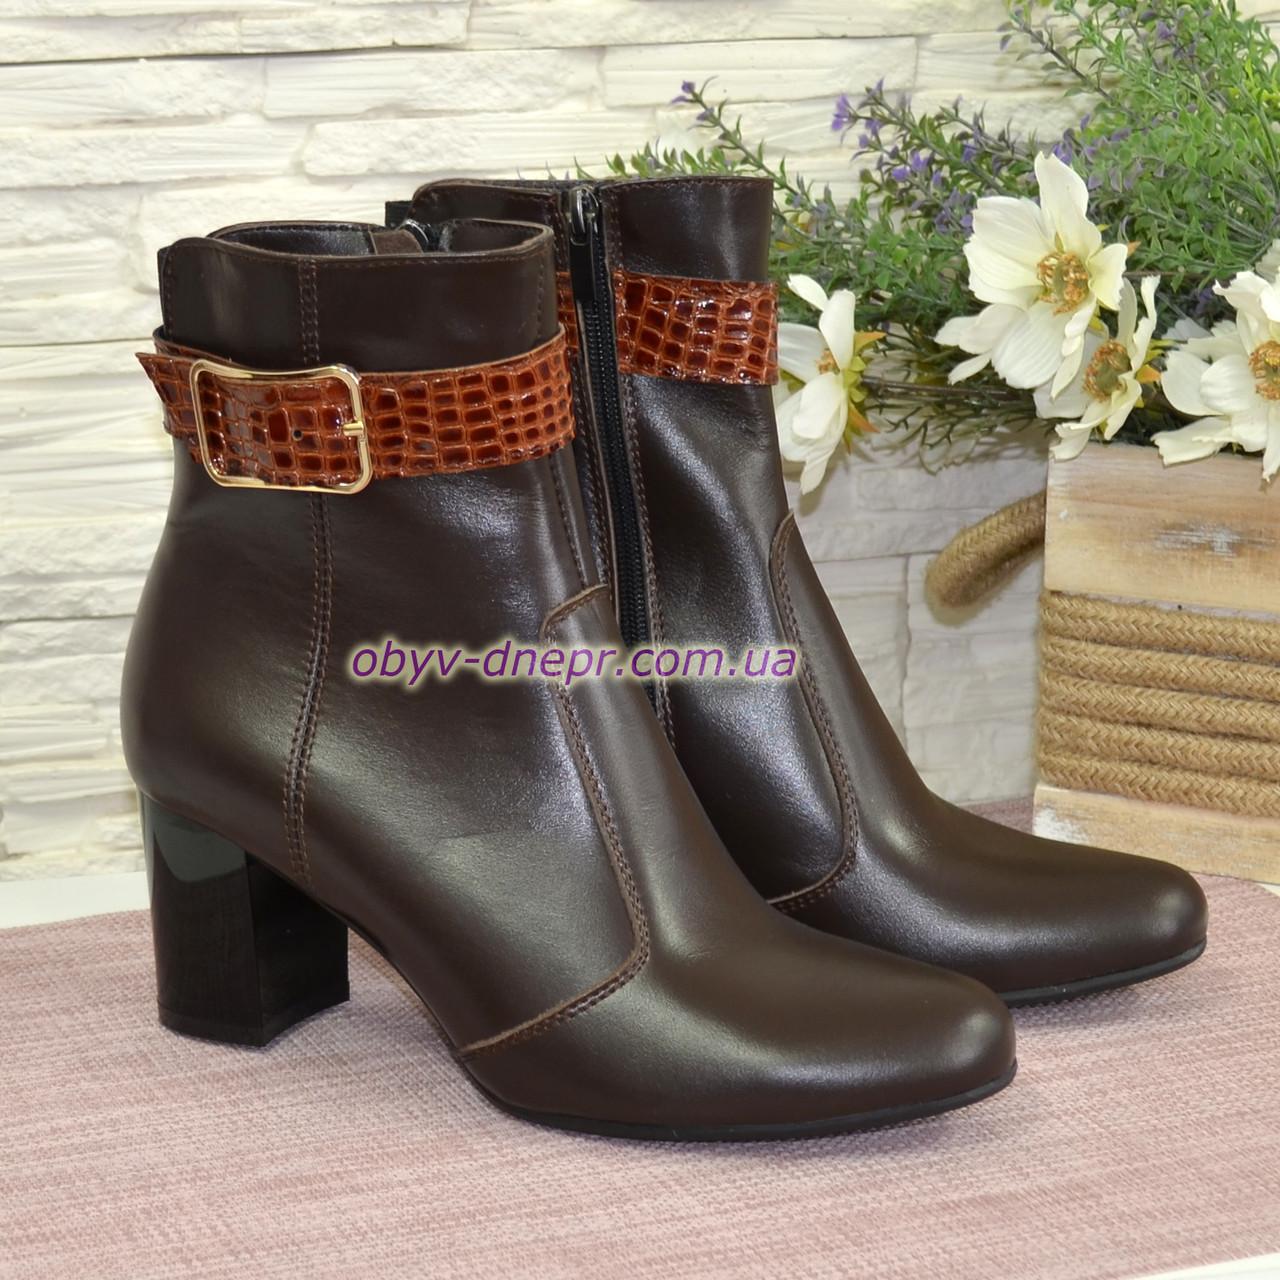 """Ботинки зимние кожаные, декорированы ремешком из натуральной кожи """"крокодил"""""""